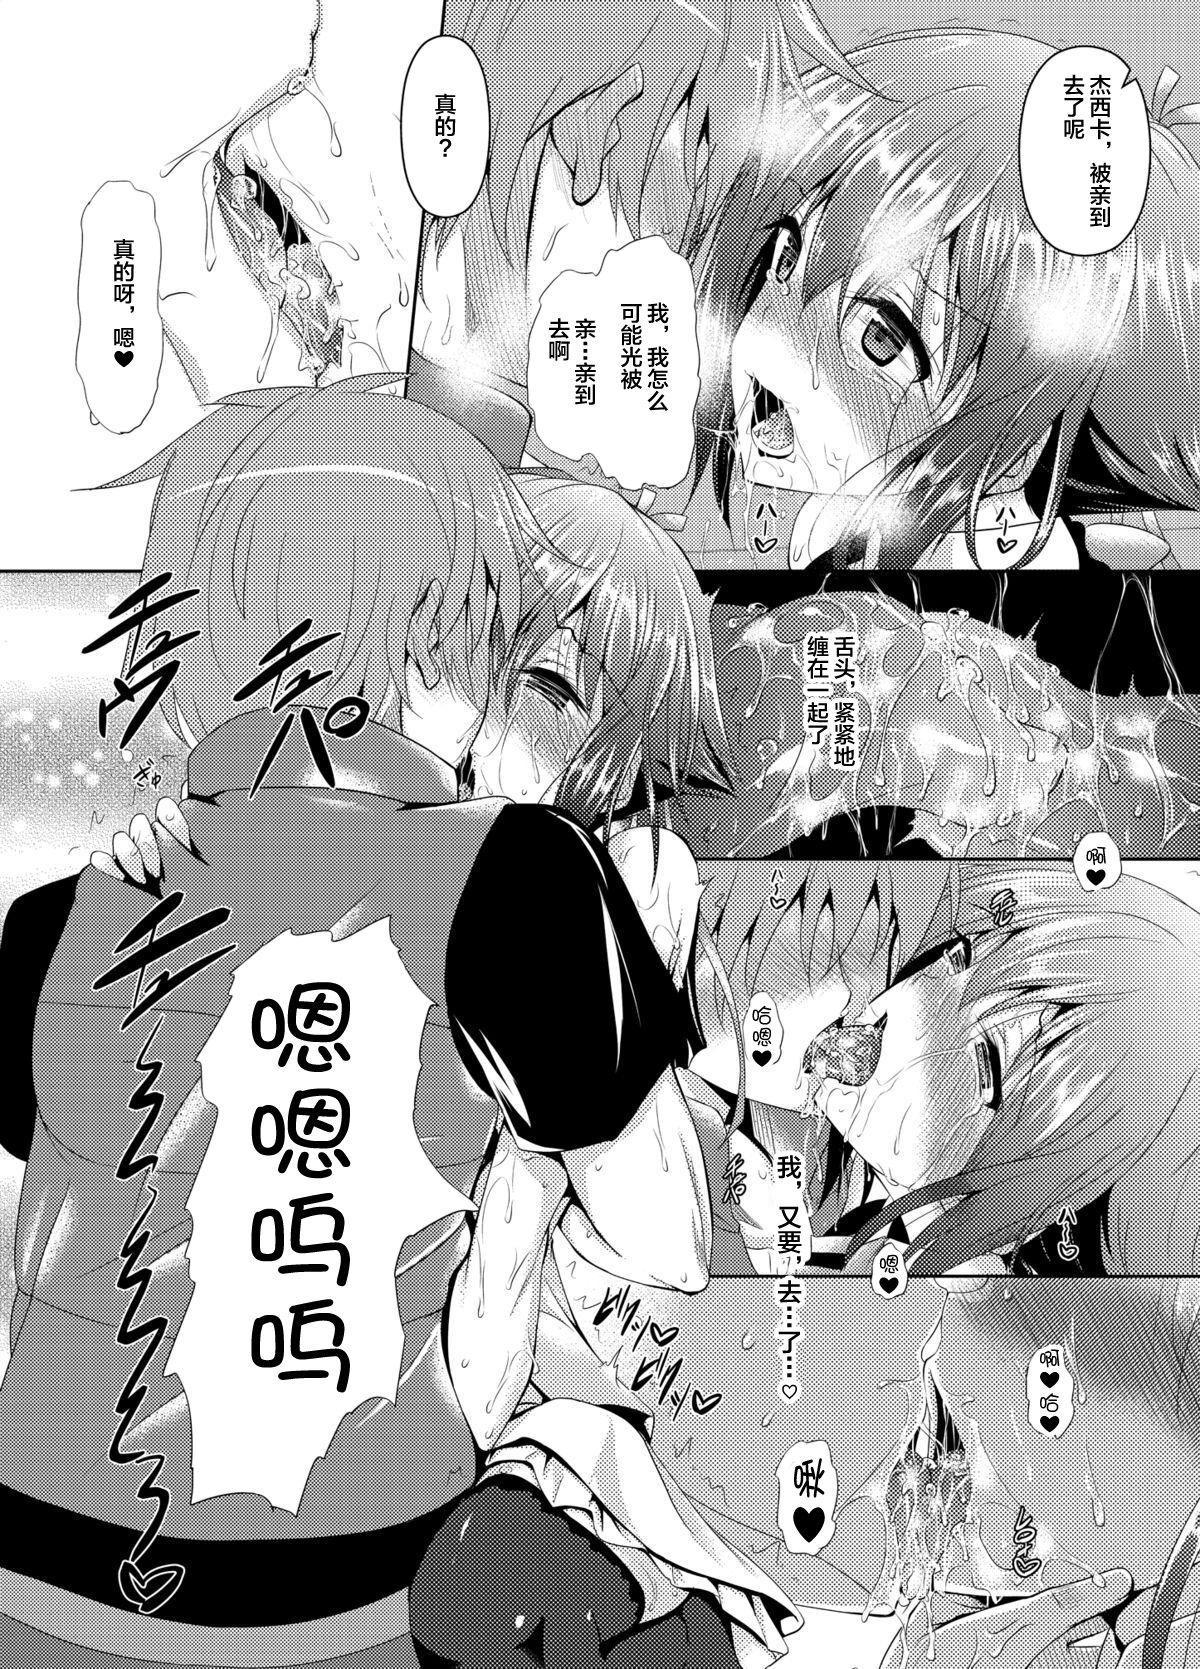 Zessica to Ichaicha Suru dake no Hon 6